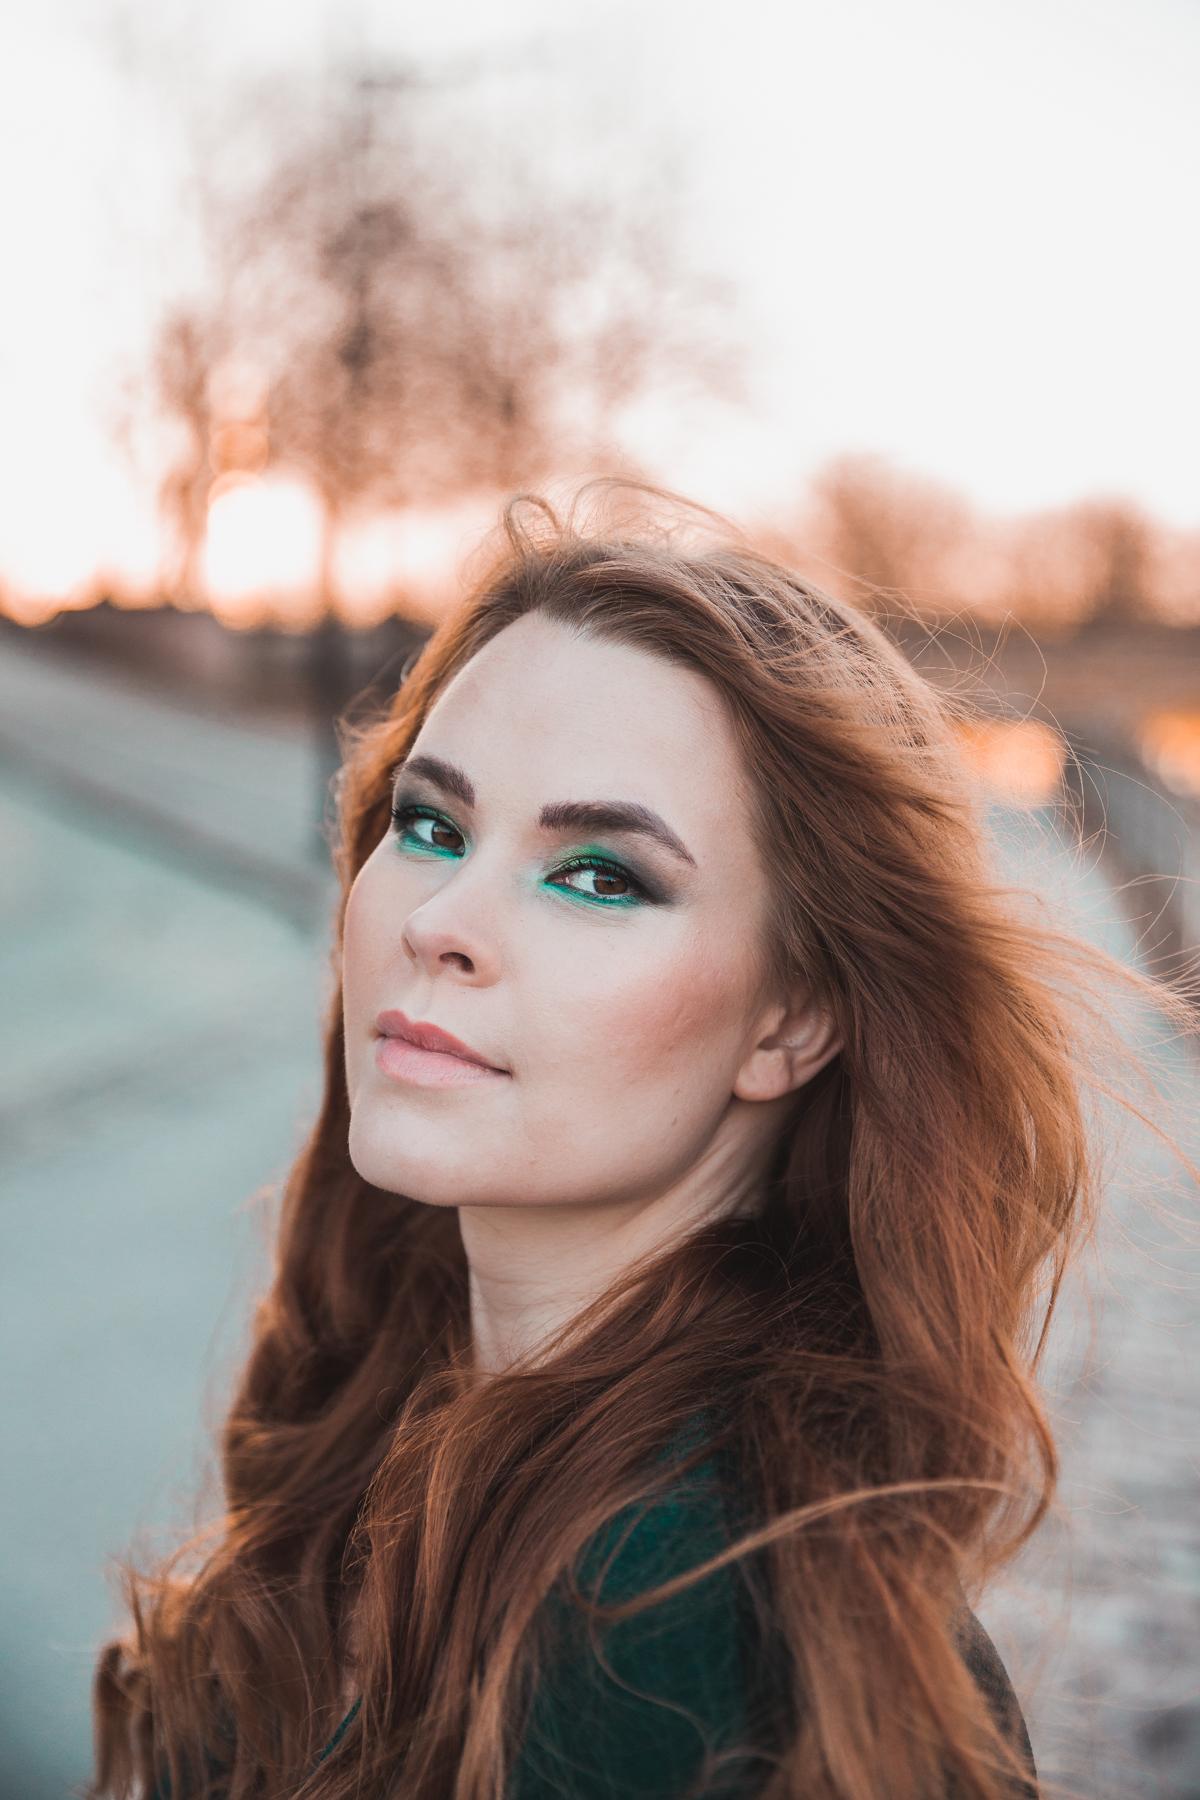 id vihreä silmämeikki annieveliina-7